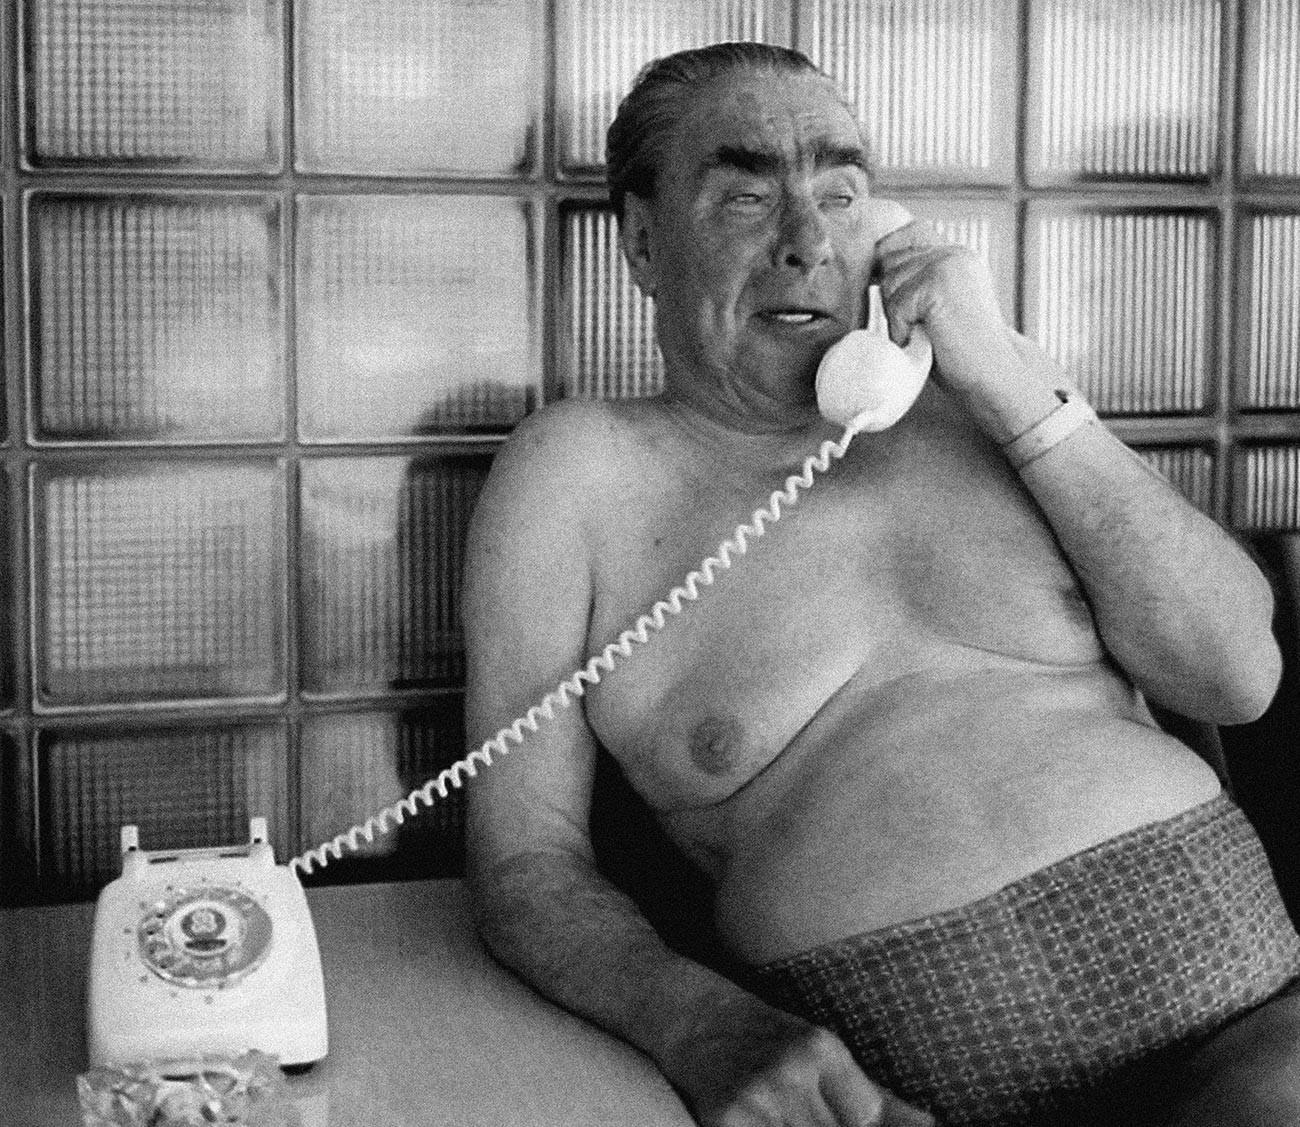 Brejnev em uma bania (sauna russa)